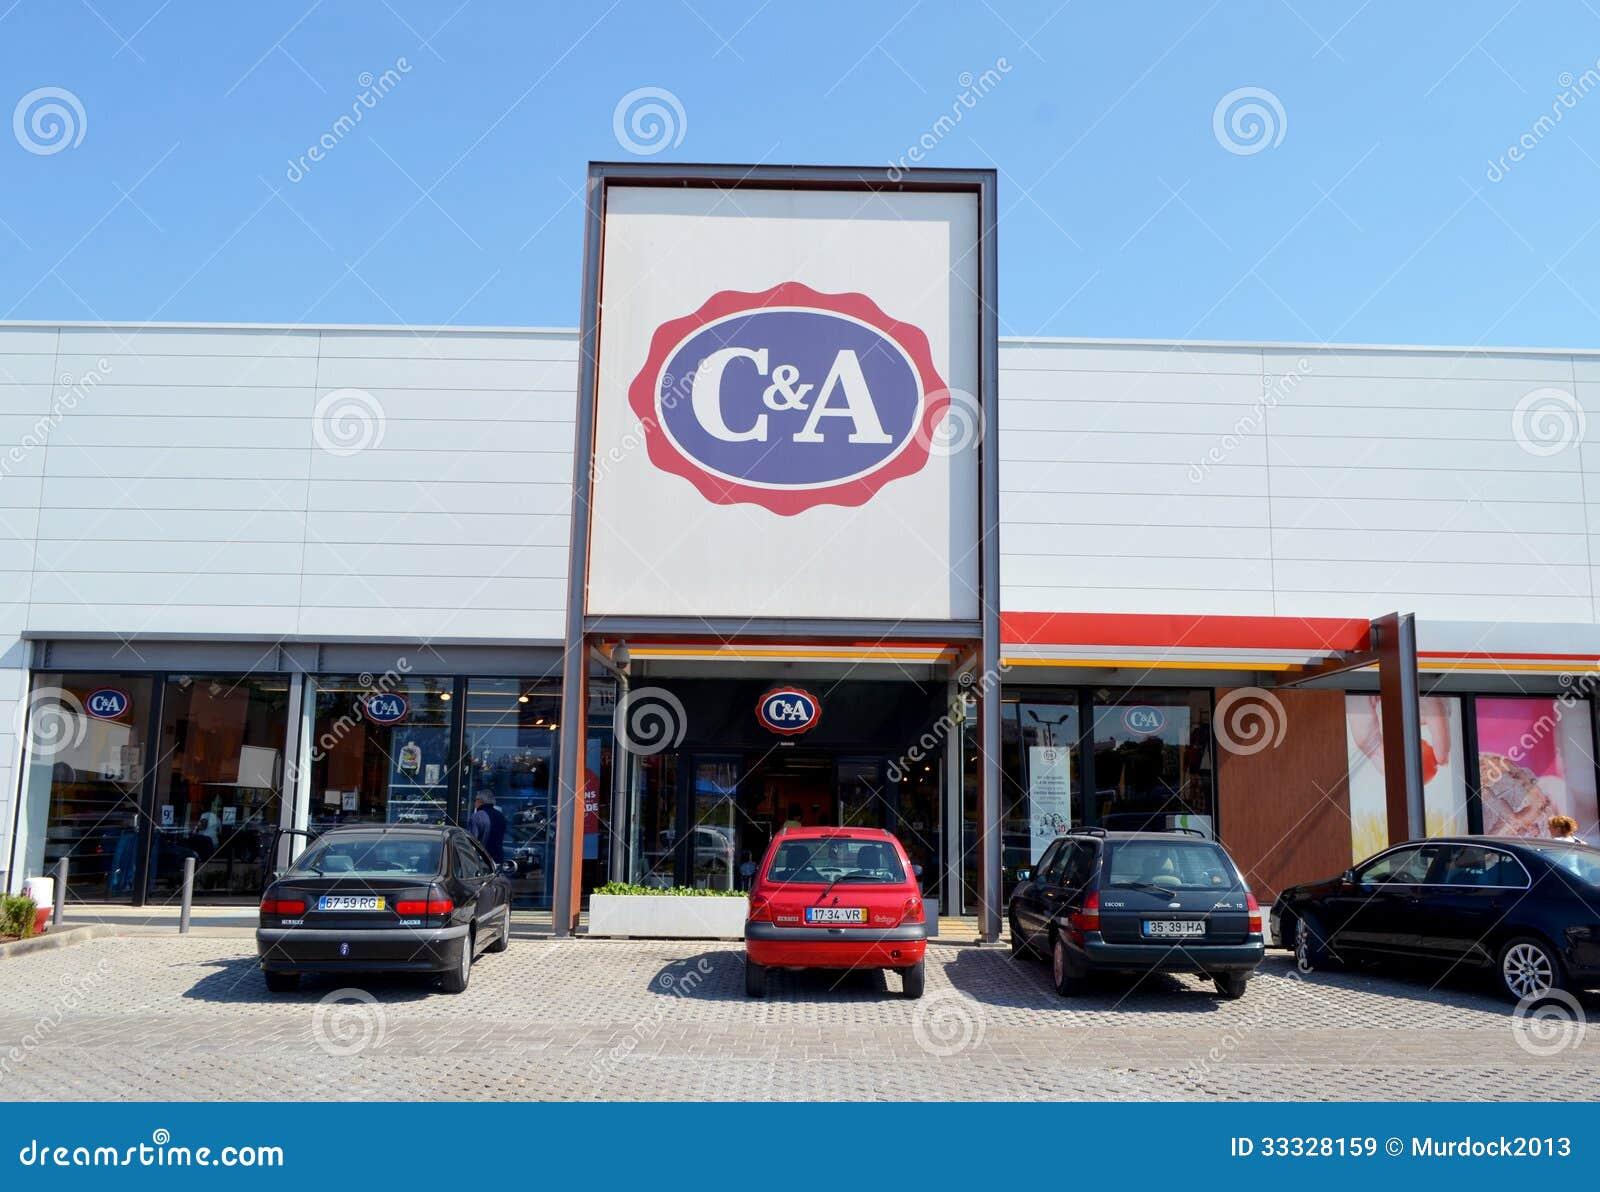 sitio autorizado códigos de cupón Promoción de ventas Tienda de ropa de C&A imagen de archivo editorial. Imagen de ...